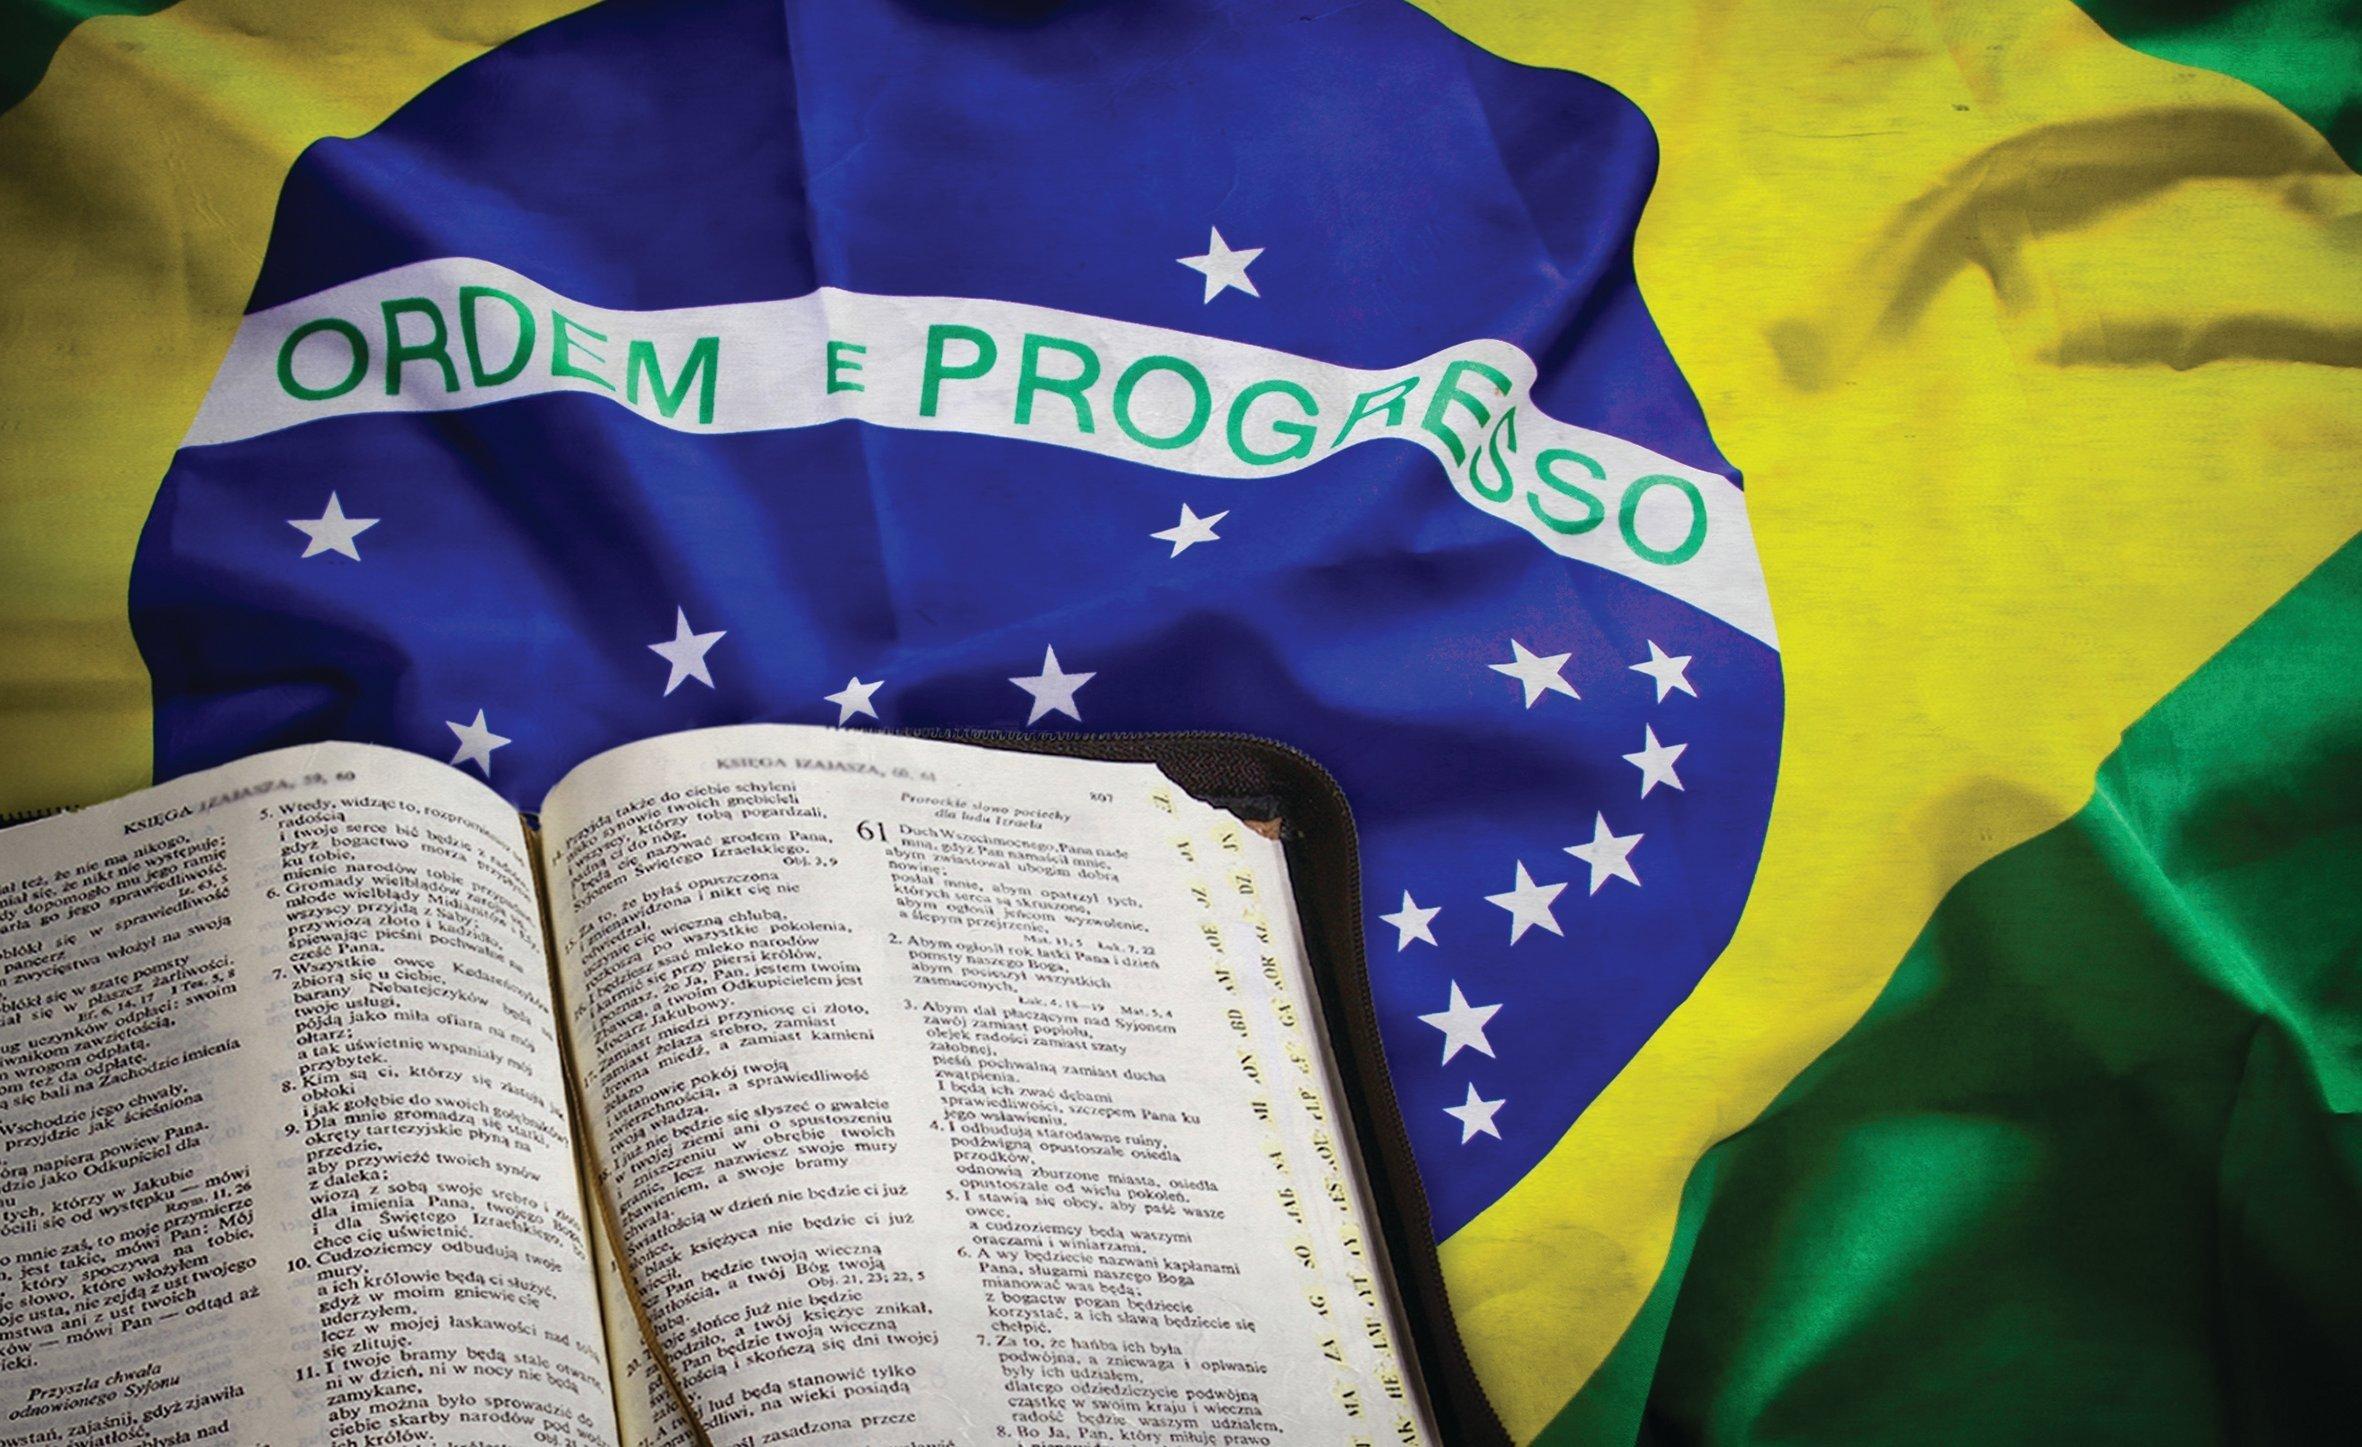 https://thumbor.guiame.com.br/unsafe/smart/media.guiame.com.br/archives/2015/11/10/1104803984-biblia-e-bandeira-do-brasil.jpg